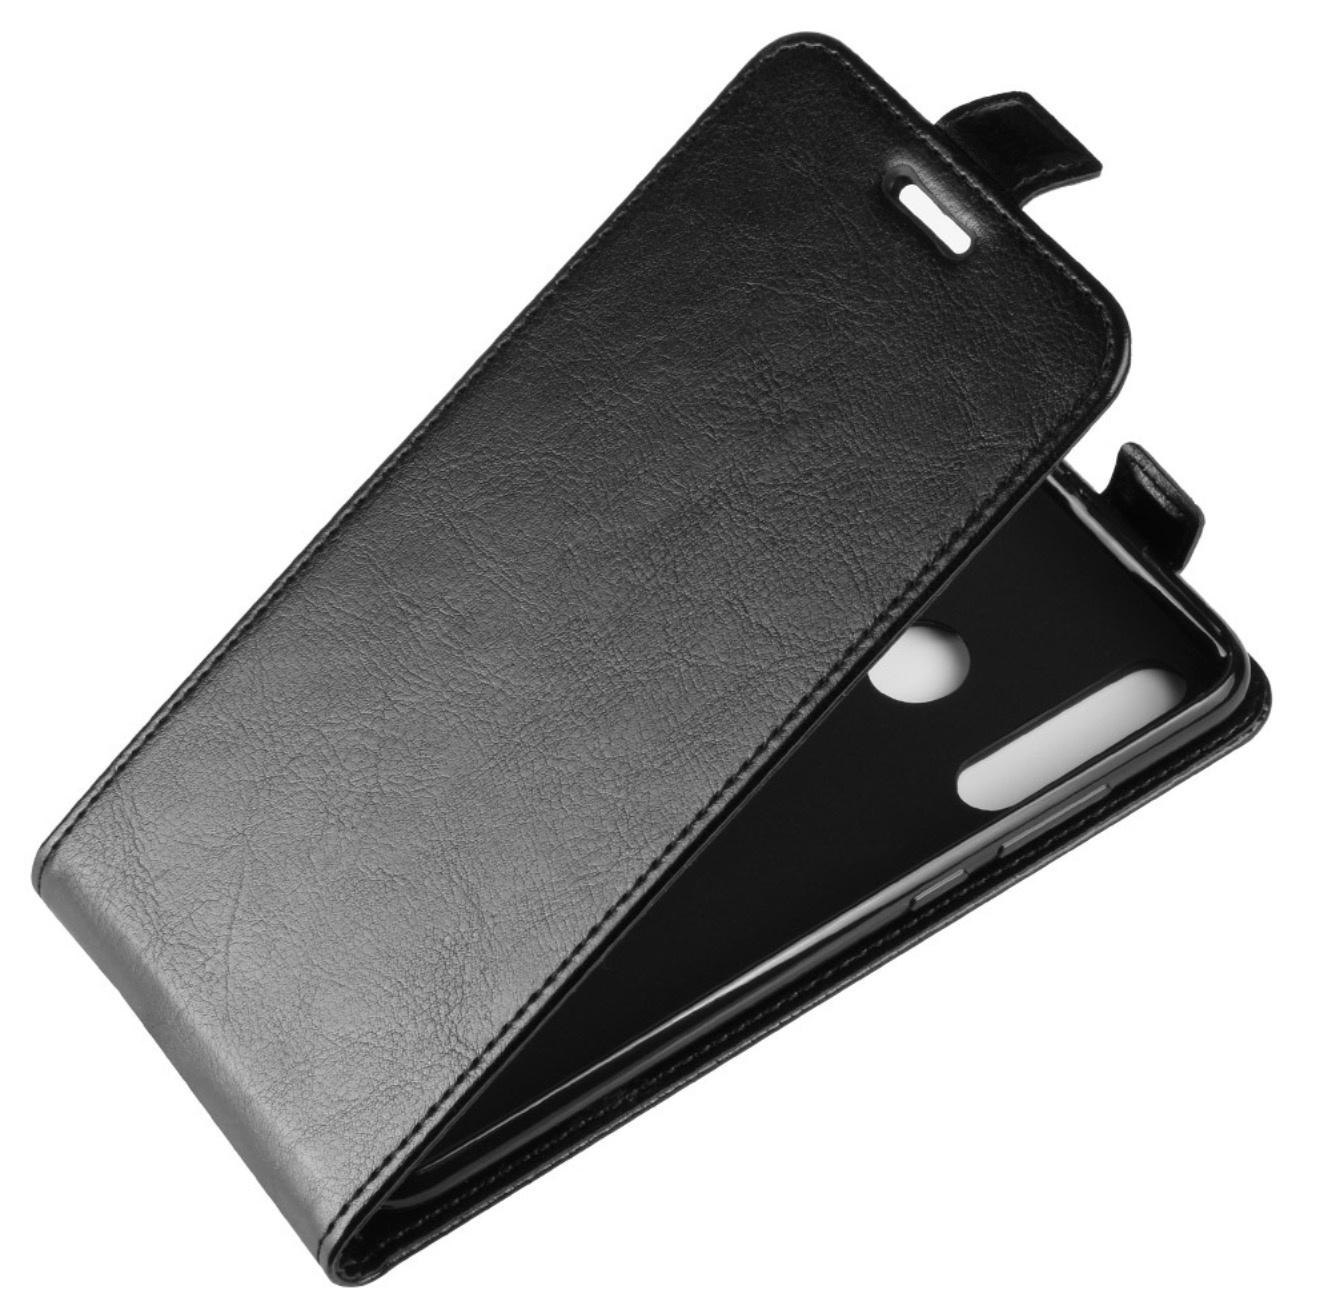 Чехол-флип MyPads для Sony Xperia M4 Aqua вертикальный откидной черный цена в Москве и Питере